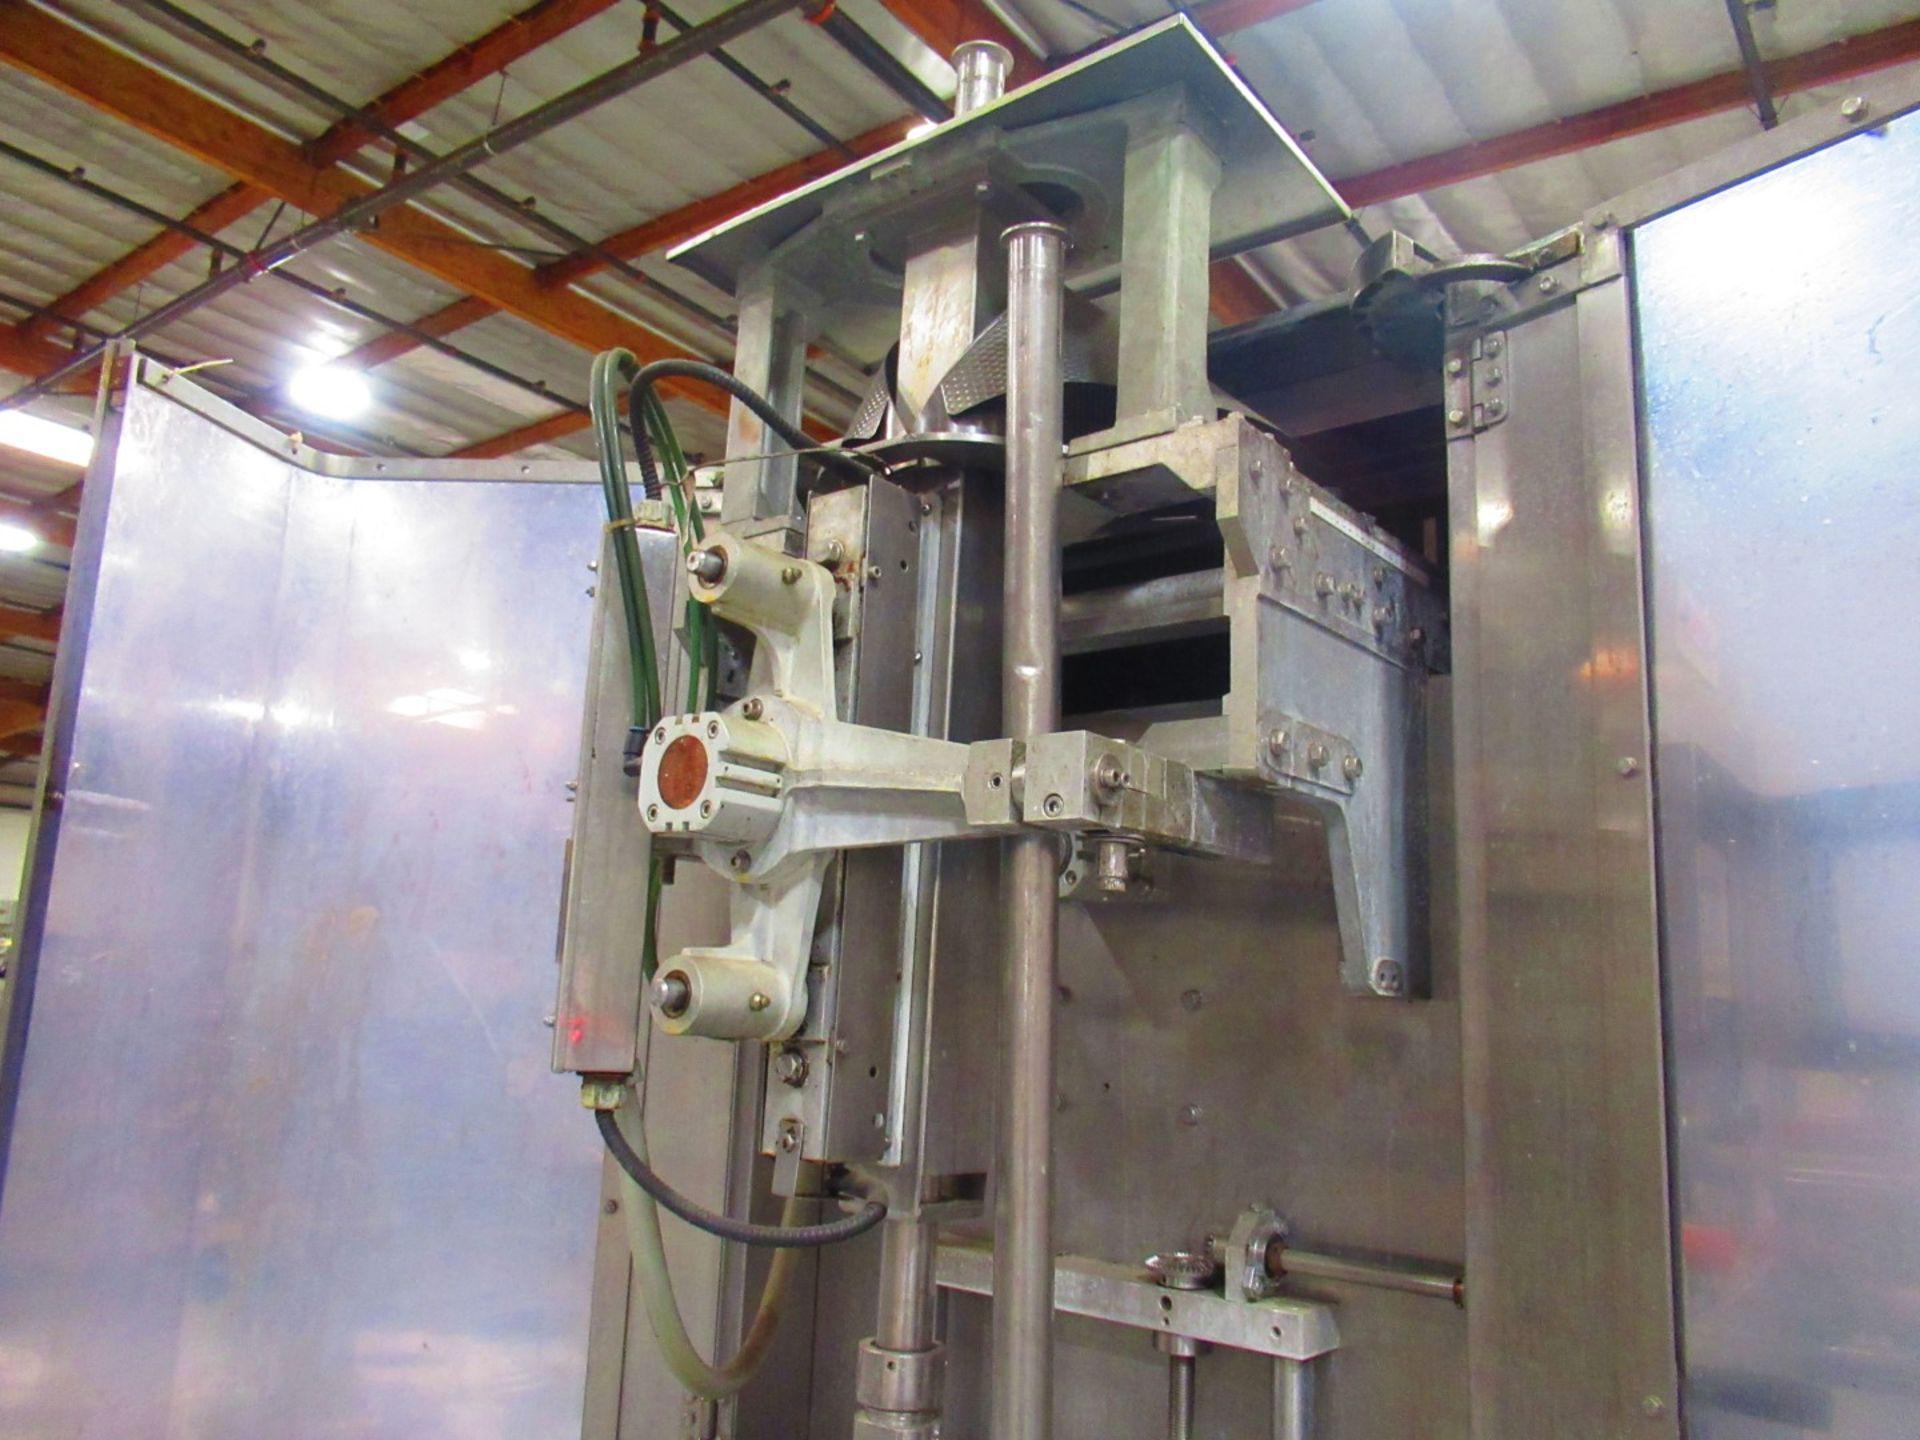 VFFS Machine - Image 3 of 8